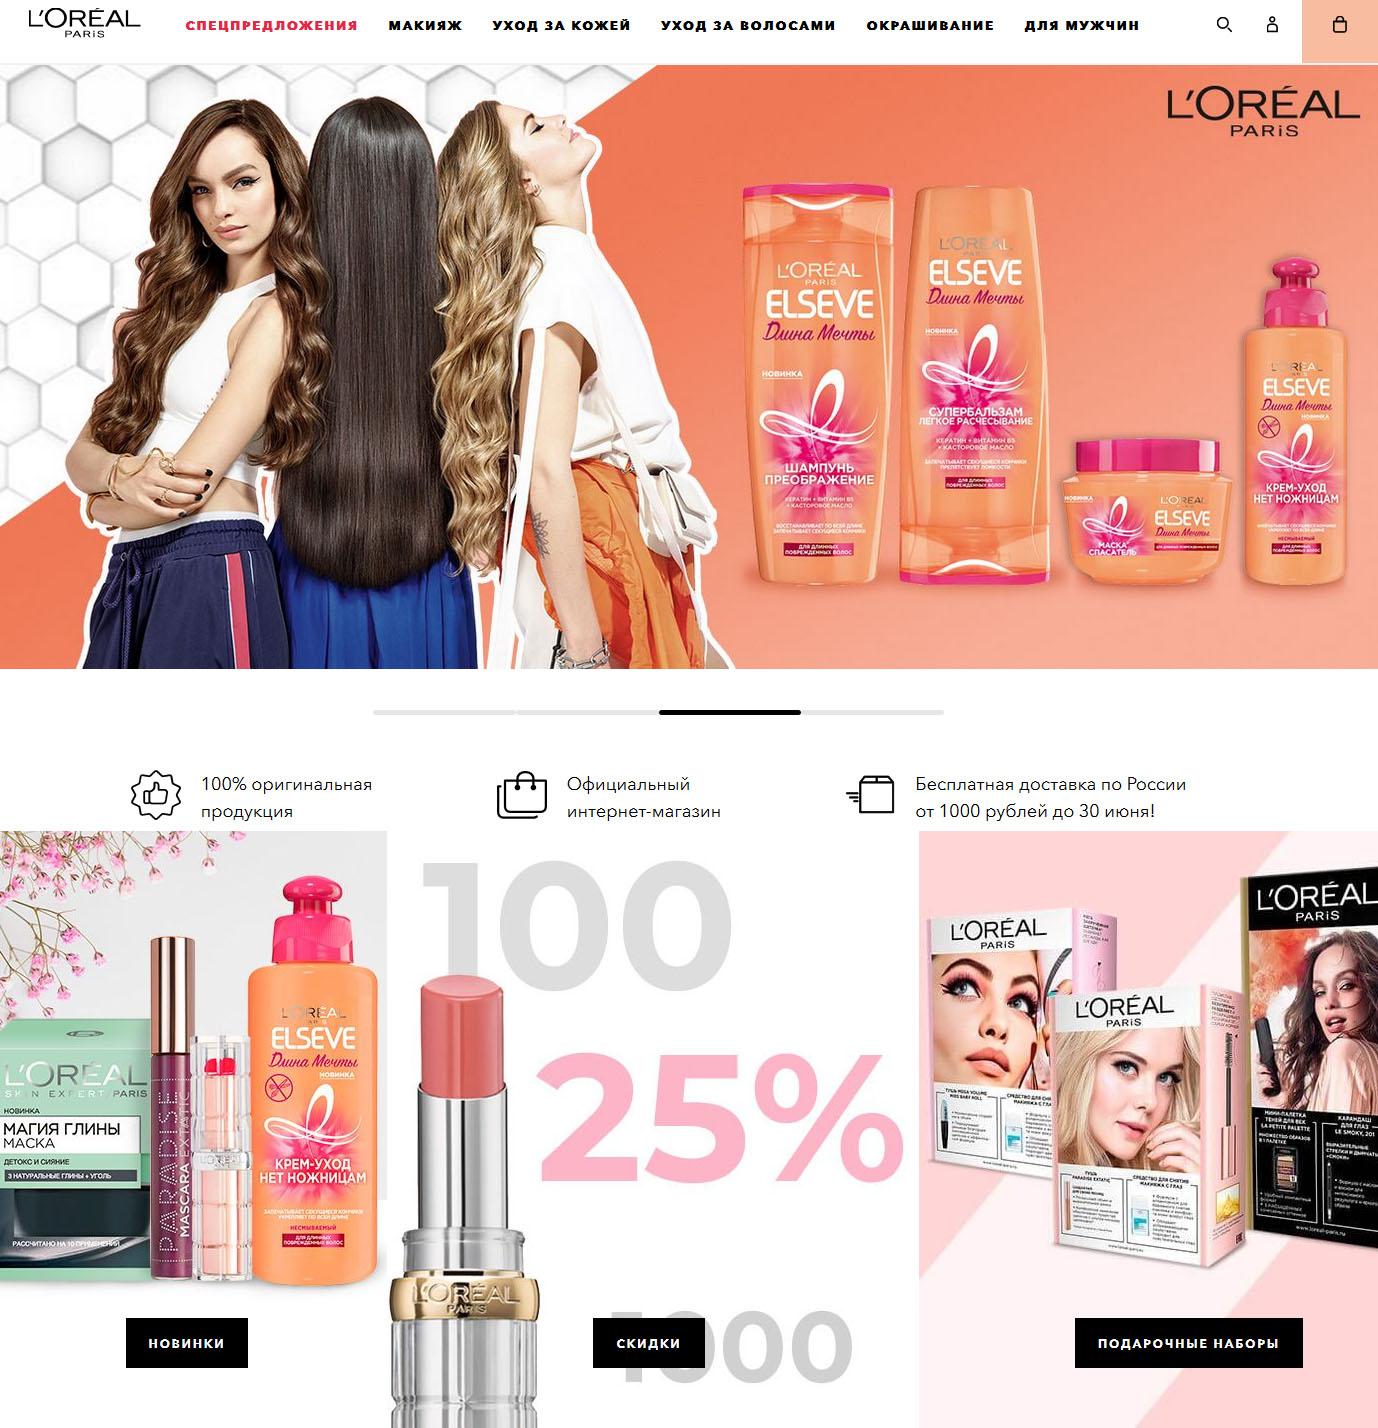 Лореаль официальный сайт косметика купить в косметика academie купить в тюмени